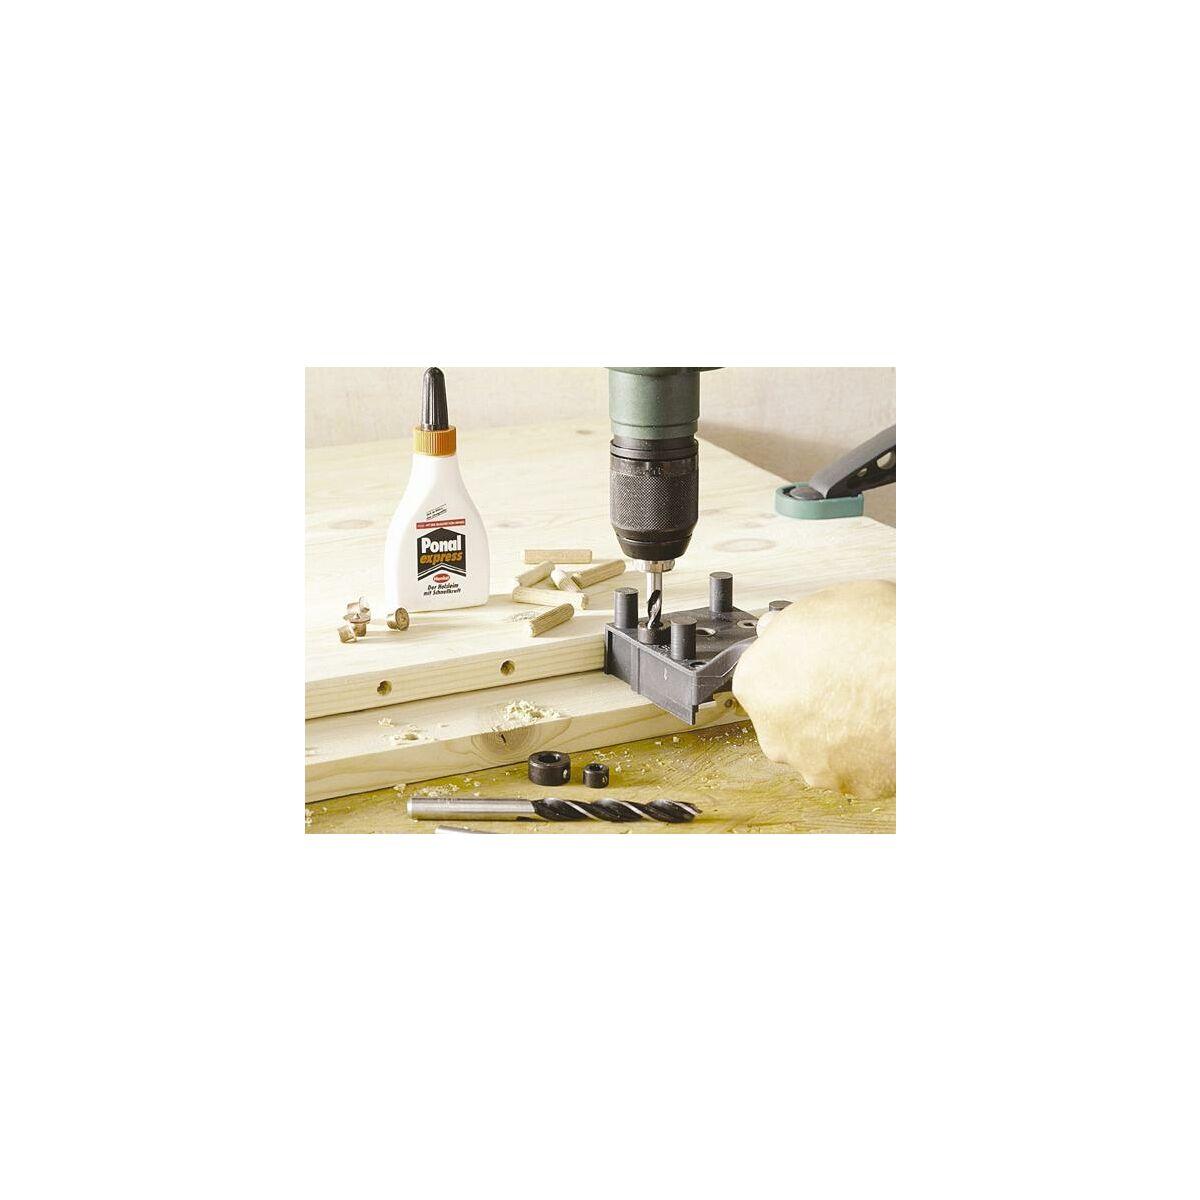 Przyrzad Do Wykonywania Otworow 6 8 10 4640000 Wolfcraft Akcesoria Do Wykonywania Polaczen W Drewnie W Atrakcyjnej Cenie W Sklepach Leroy Merlin